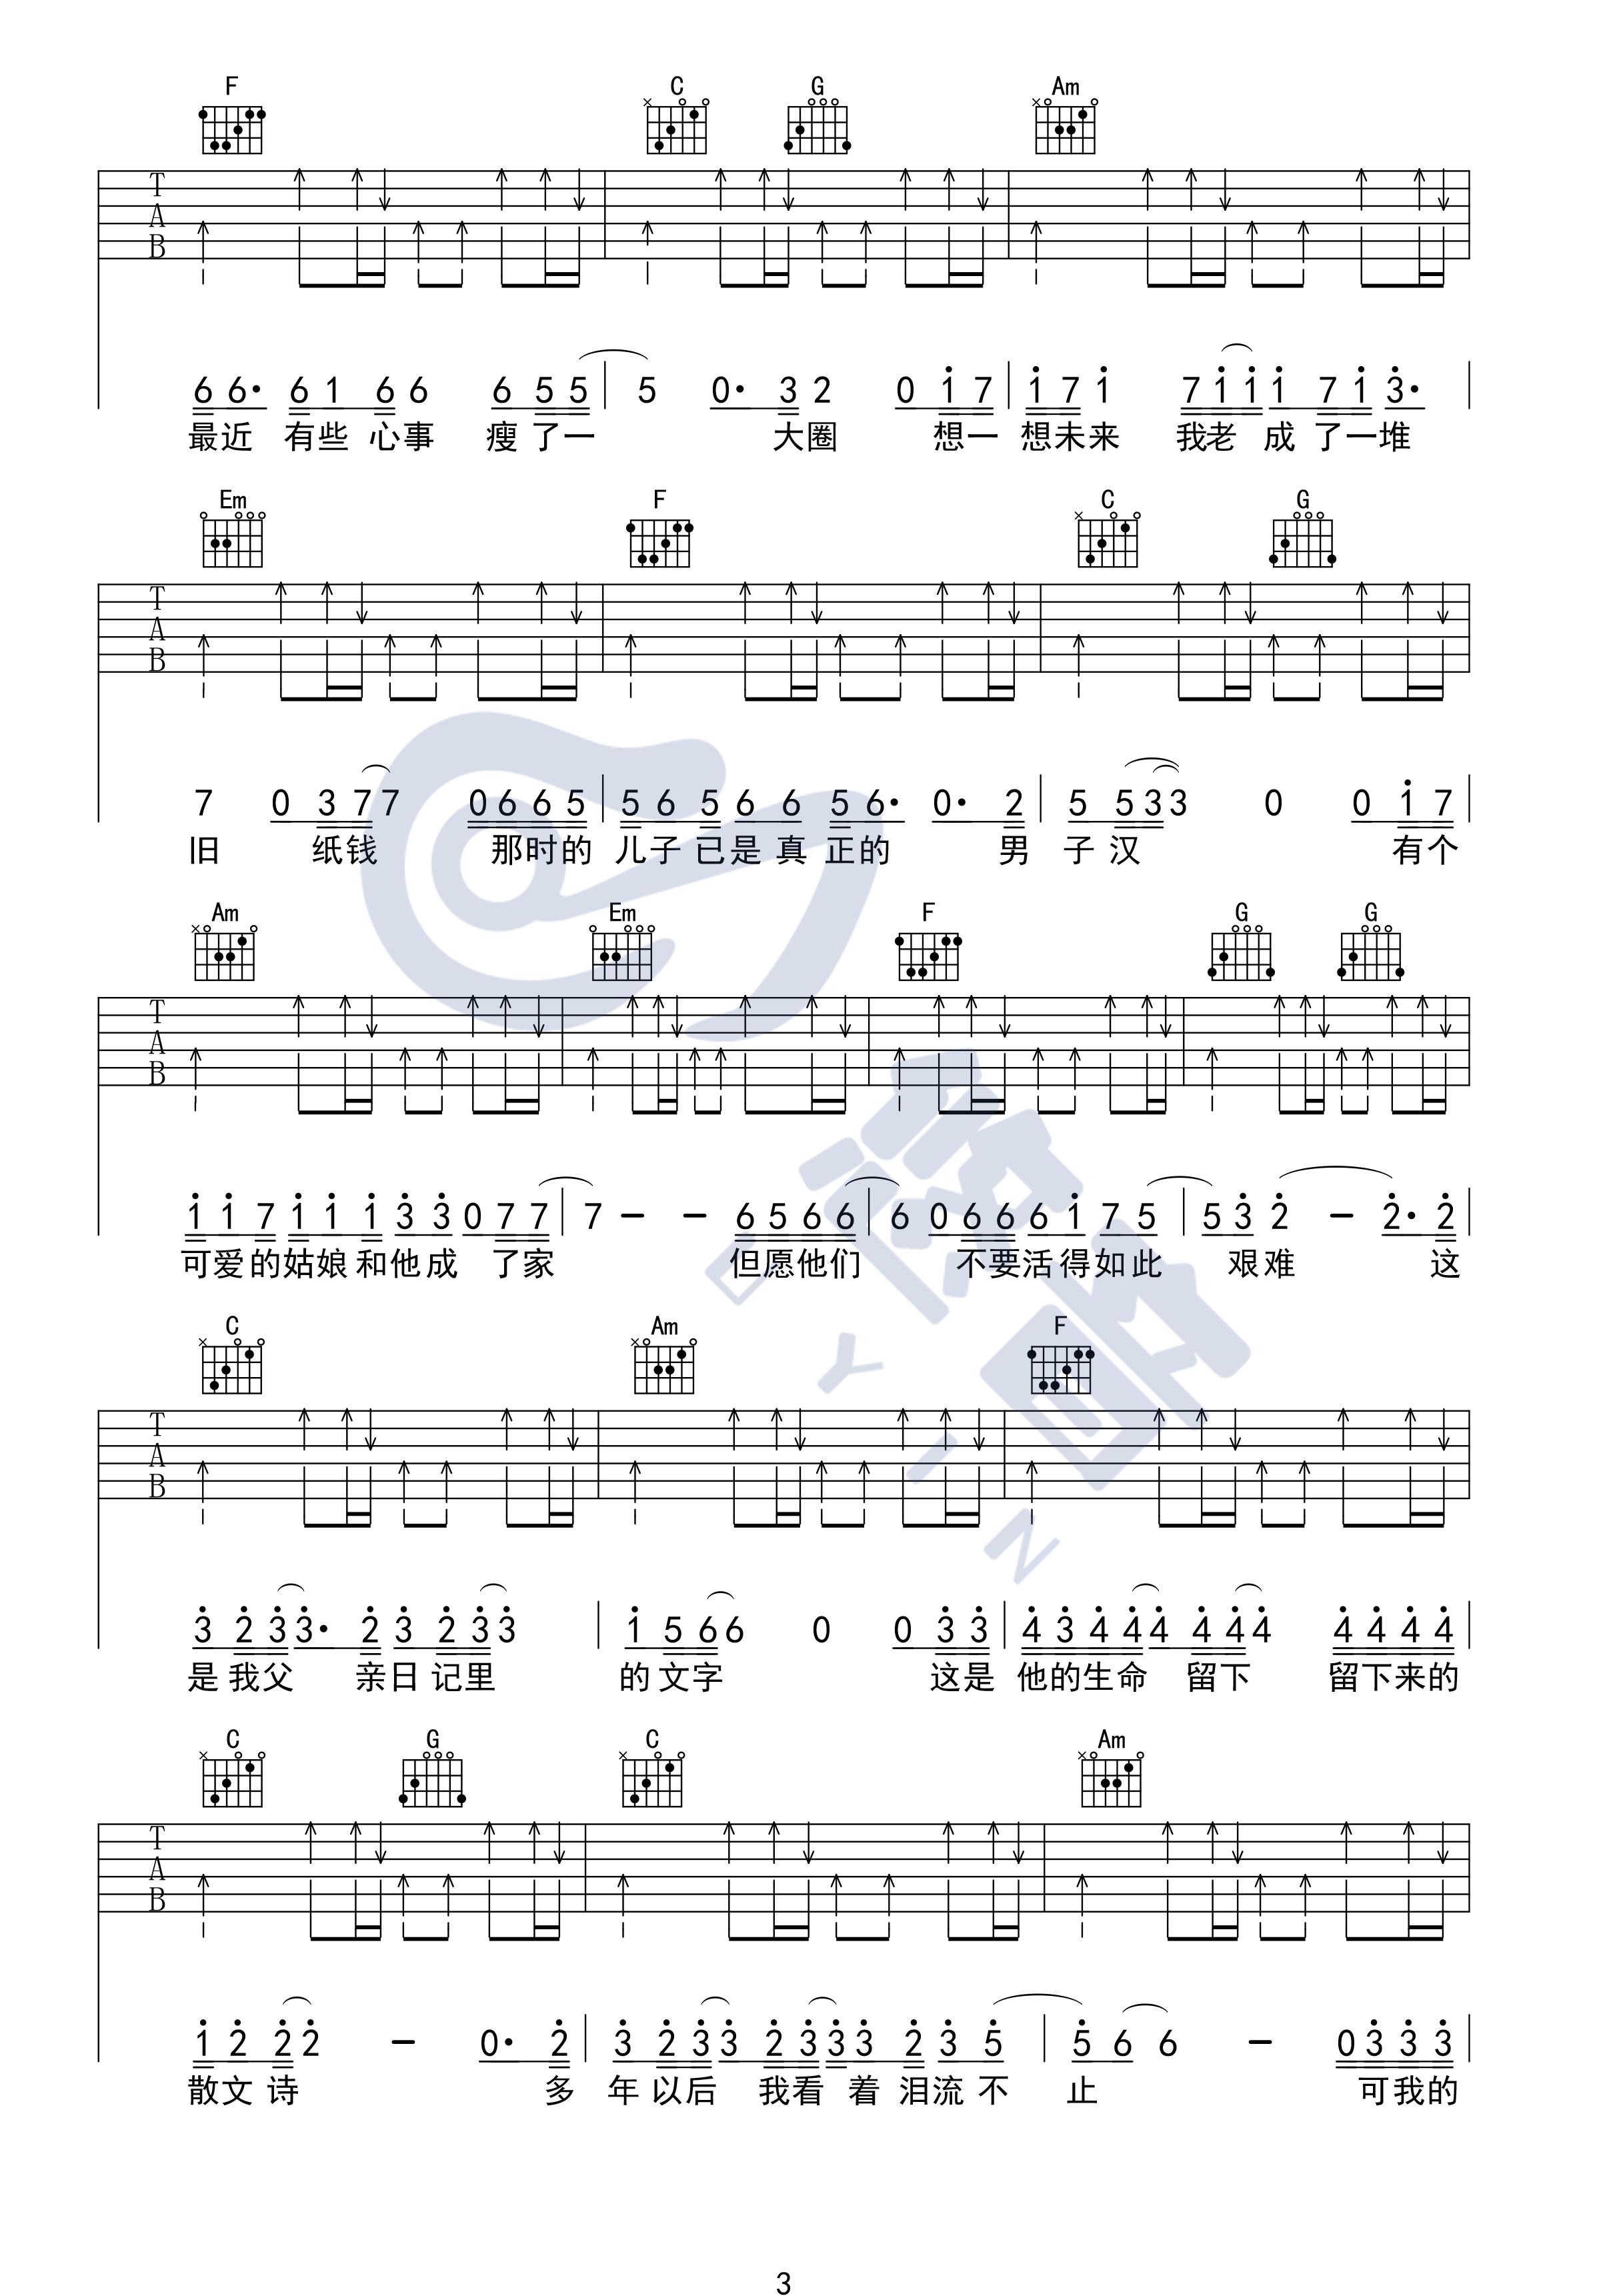 吉他派父亲写的散文诗吉他谱悠音版-3